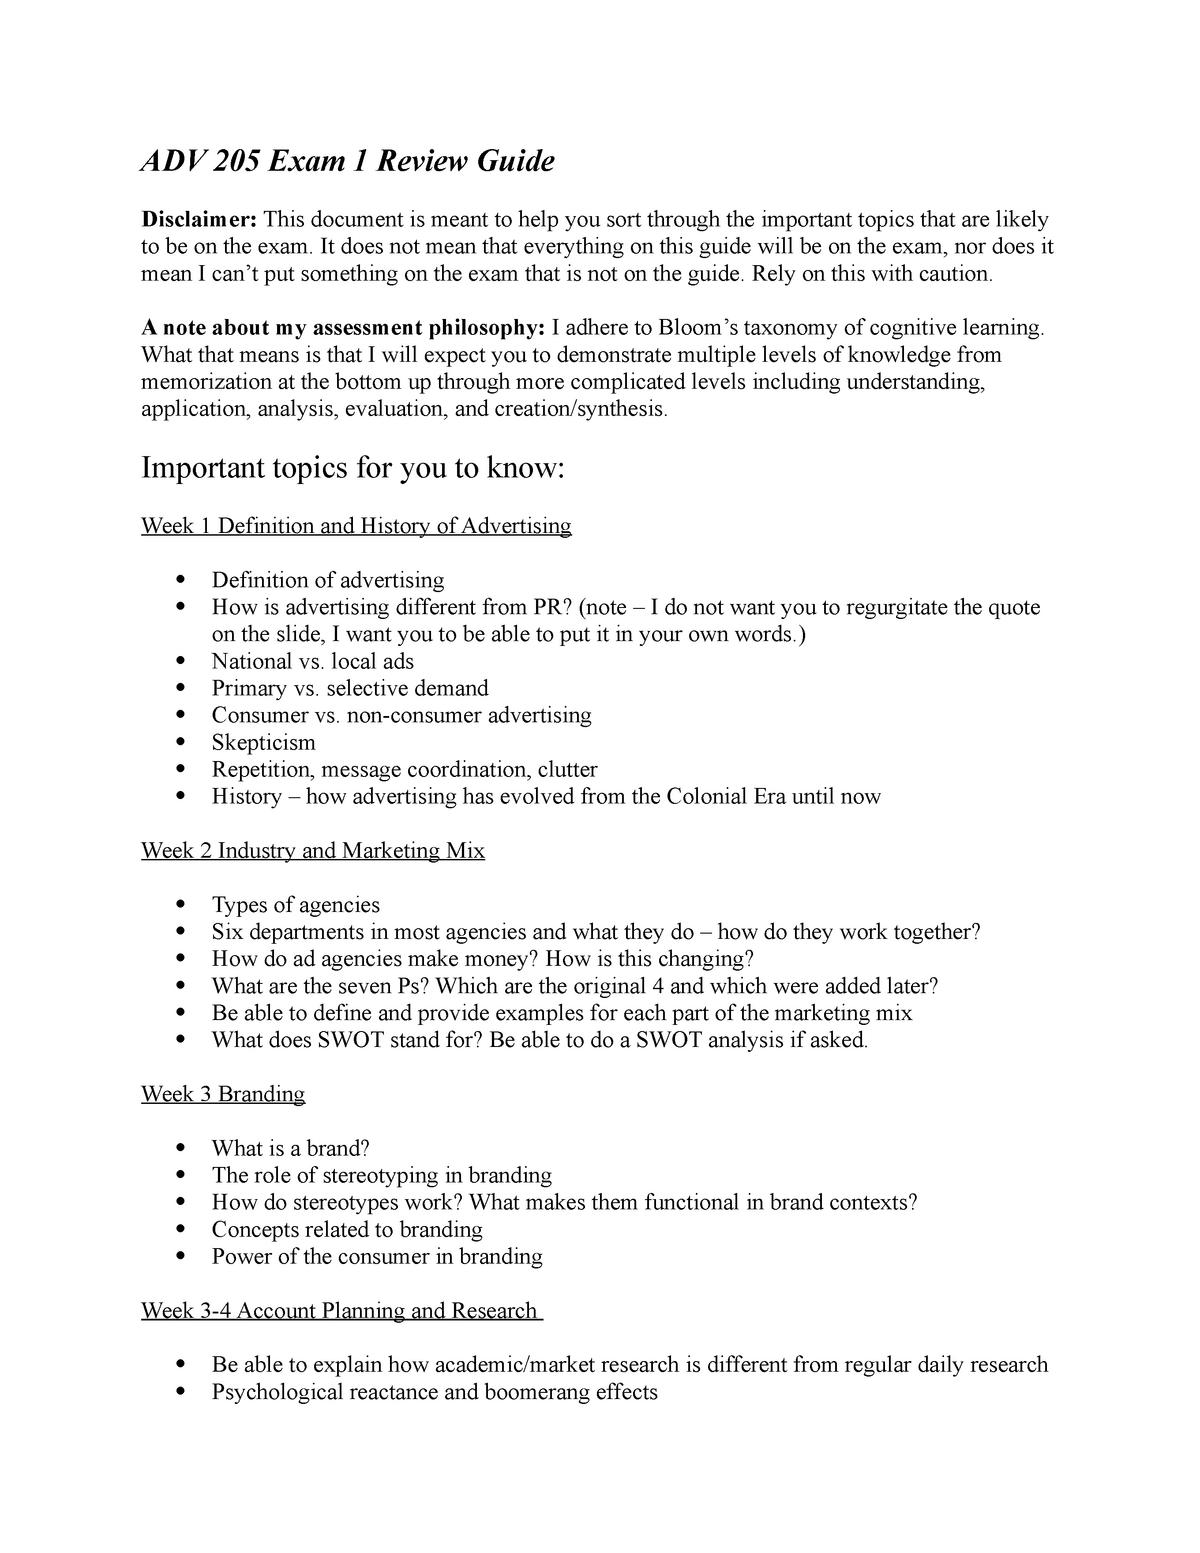 ADV 205 Exam 1 Review Guide - ACC 230 - MSU - StuDocu